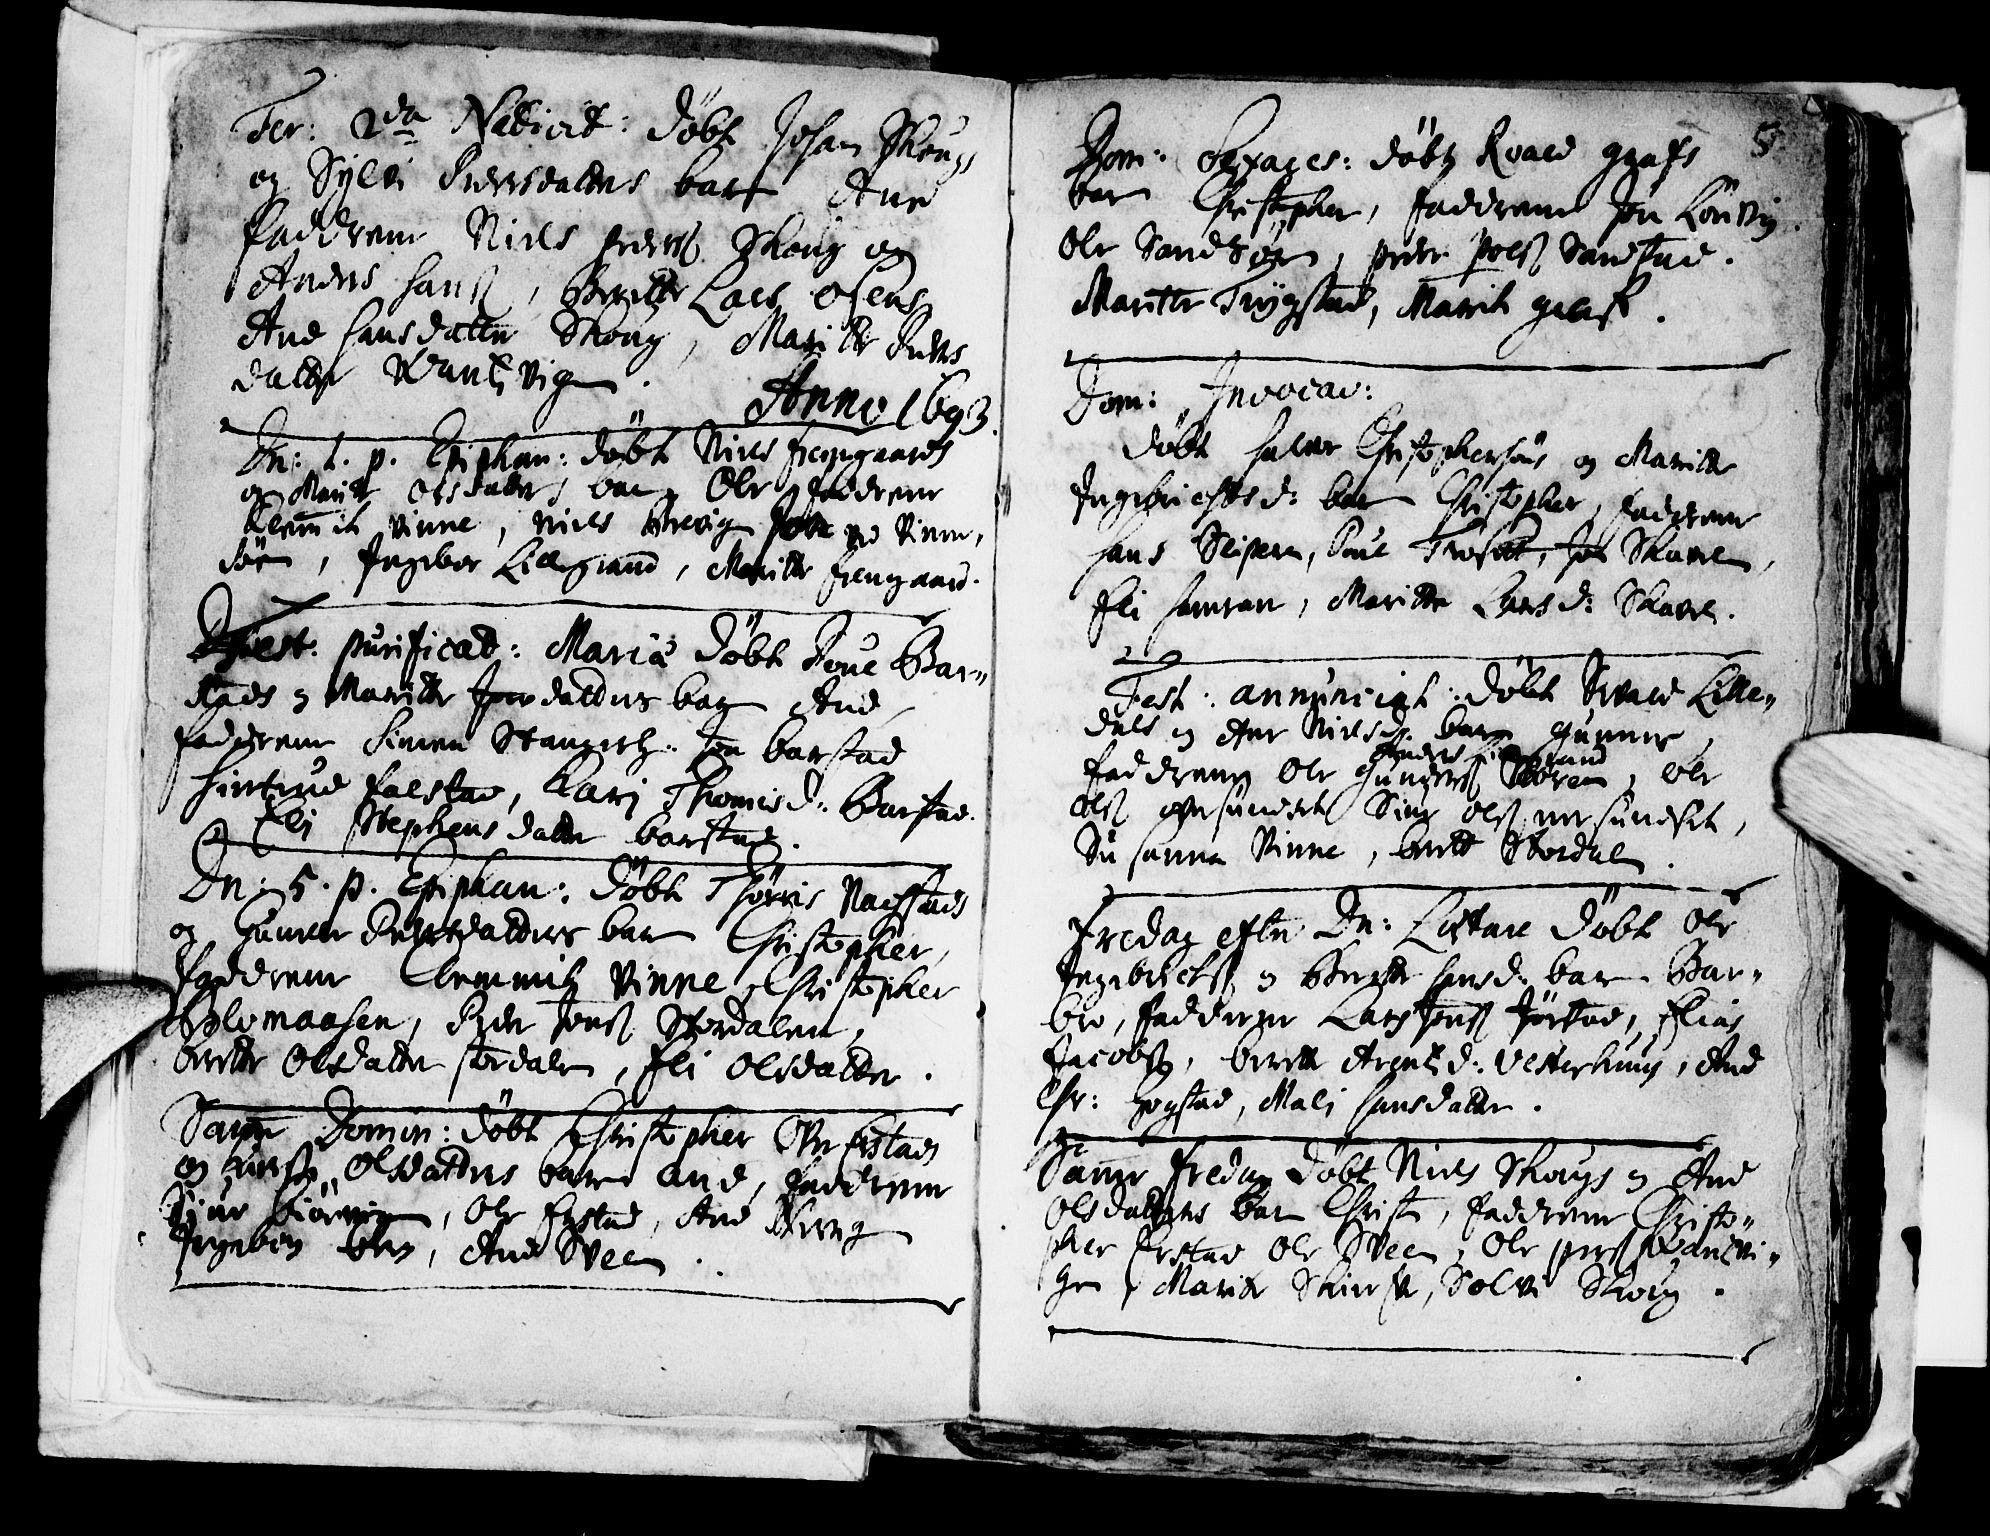 SAT, Ministerialprotokoller, klokkerbøker og fødselsregistre - Nord-Trøndelag, 722/L0214: Ministerialbok nr. 722A01, 1692-1718, s. 5